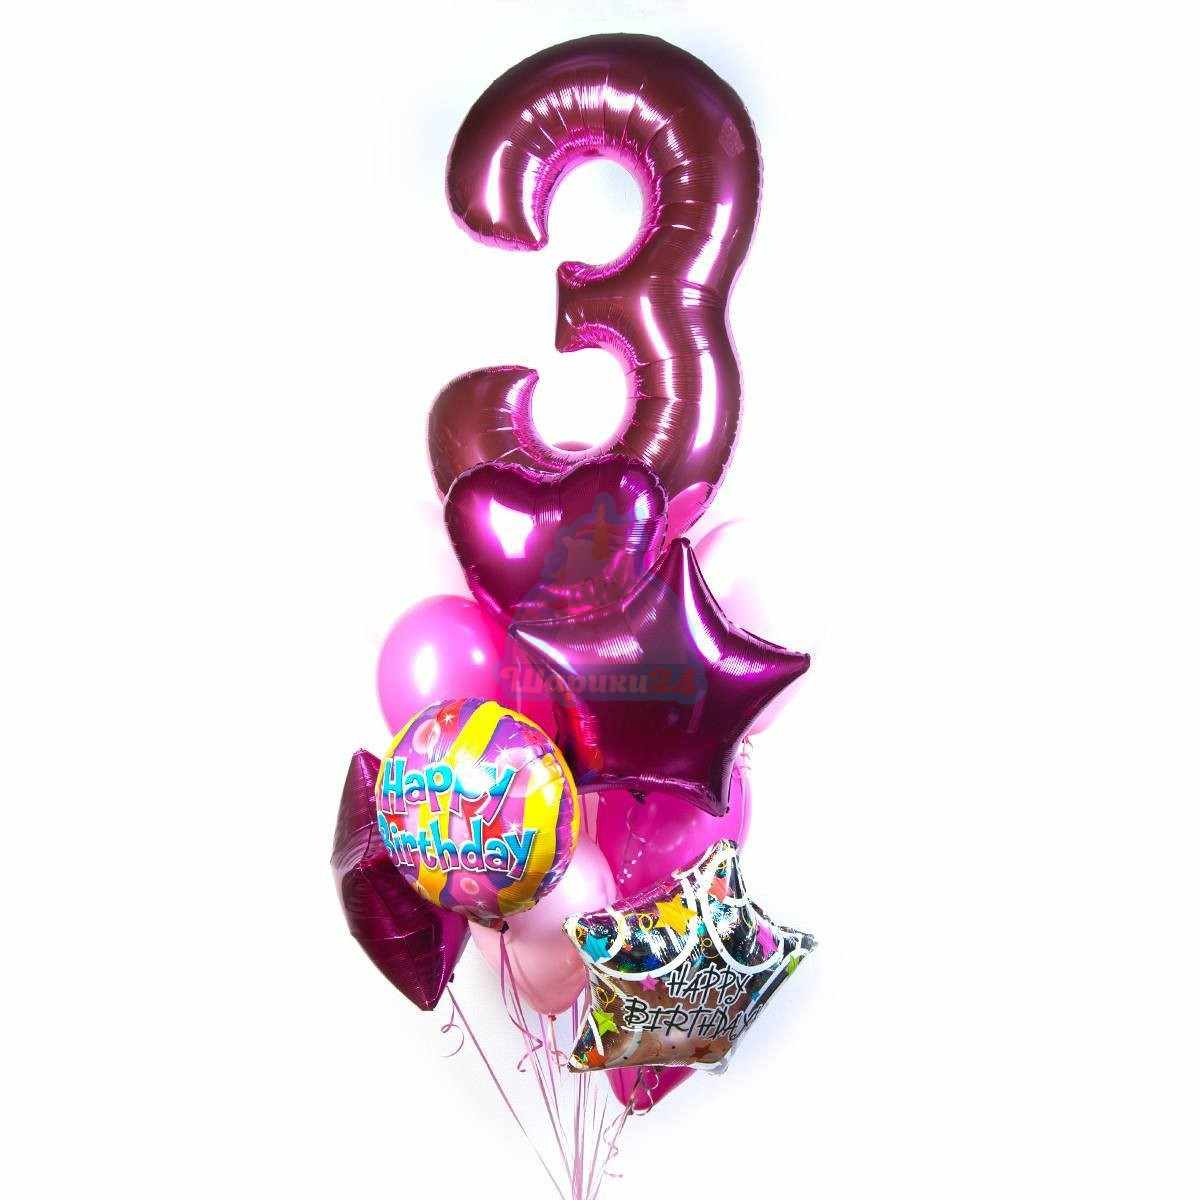 Букет на день рождения с цифрой фото в интернет-магазине Шарики 24